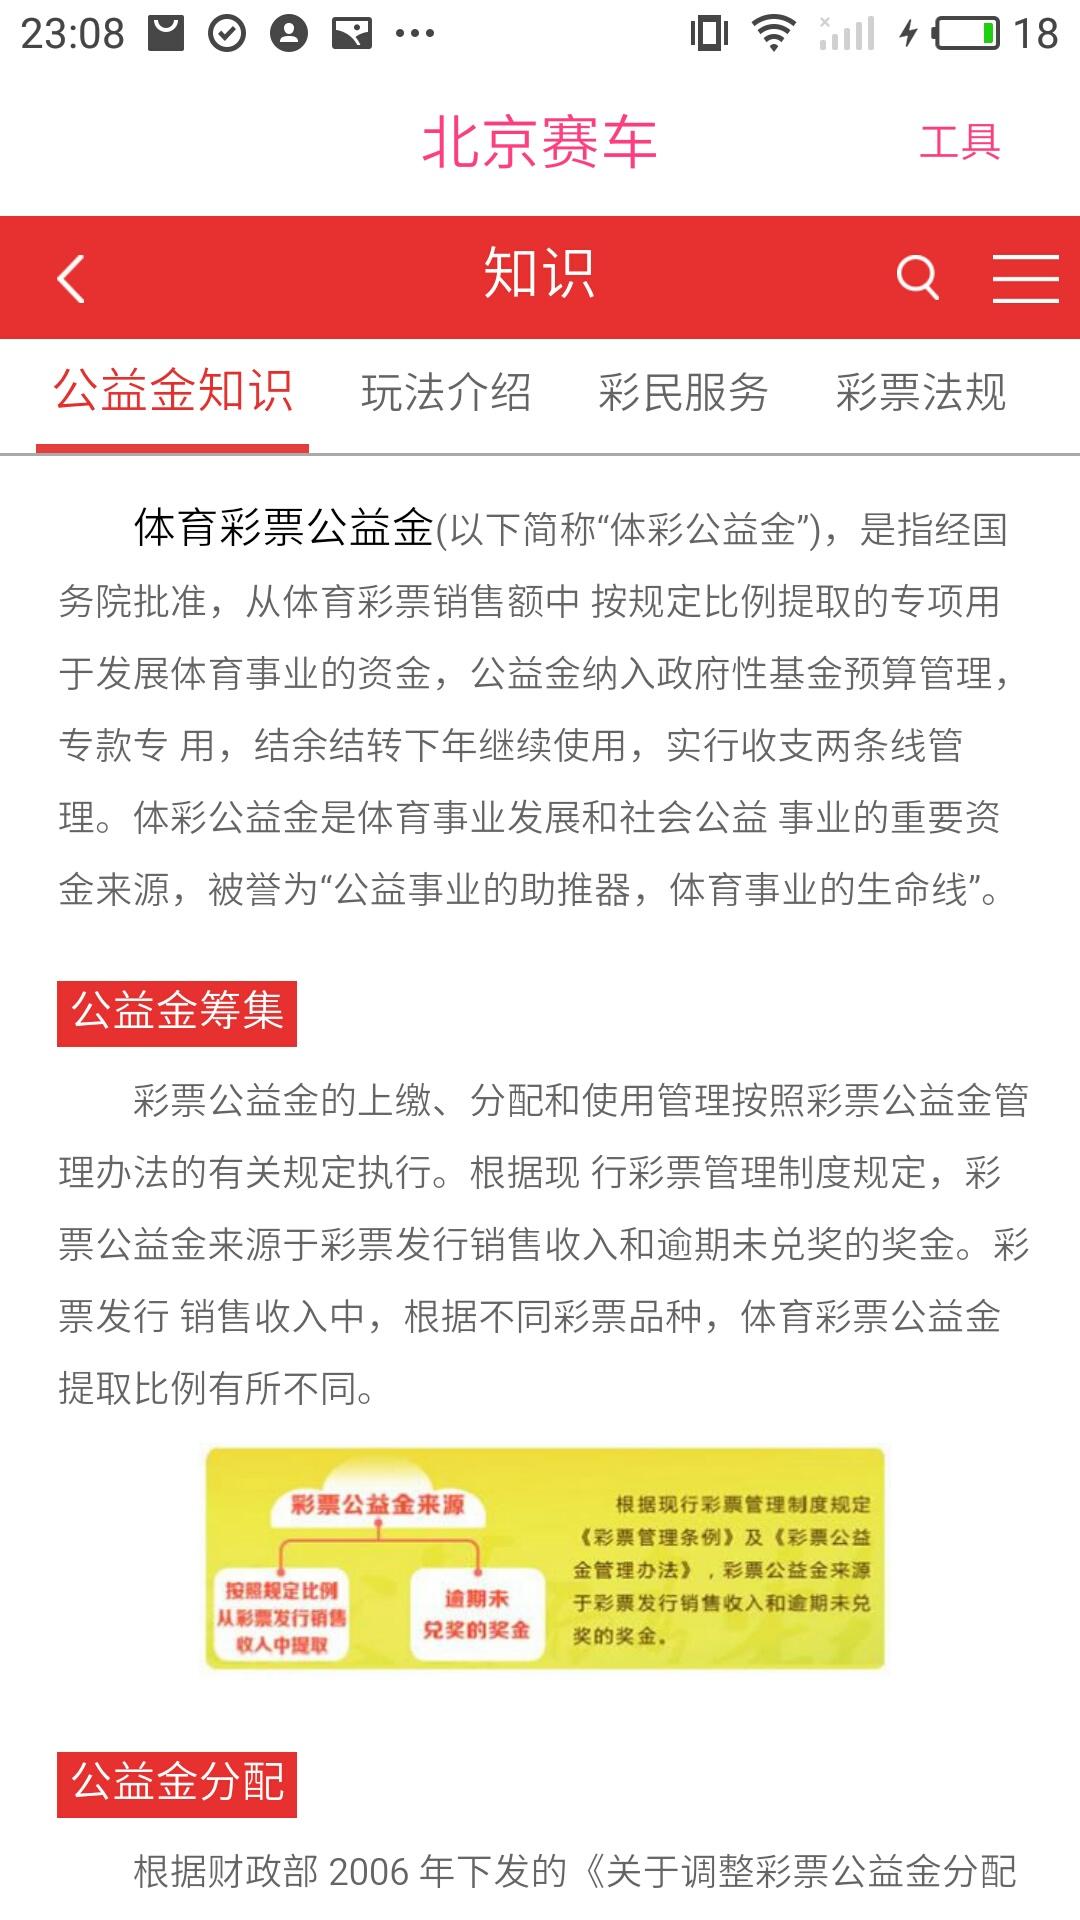 北京赛车-应用截图